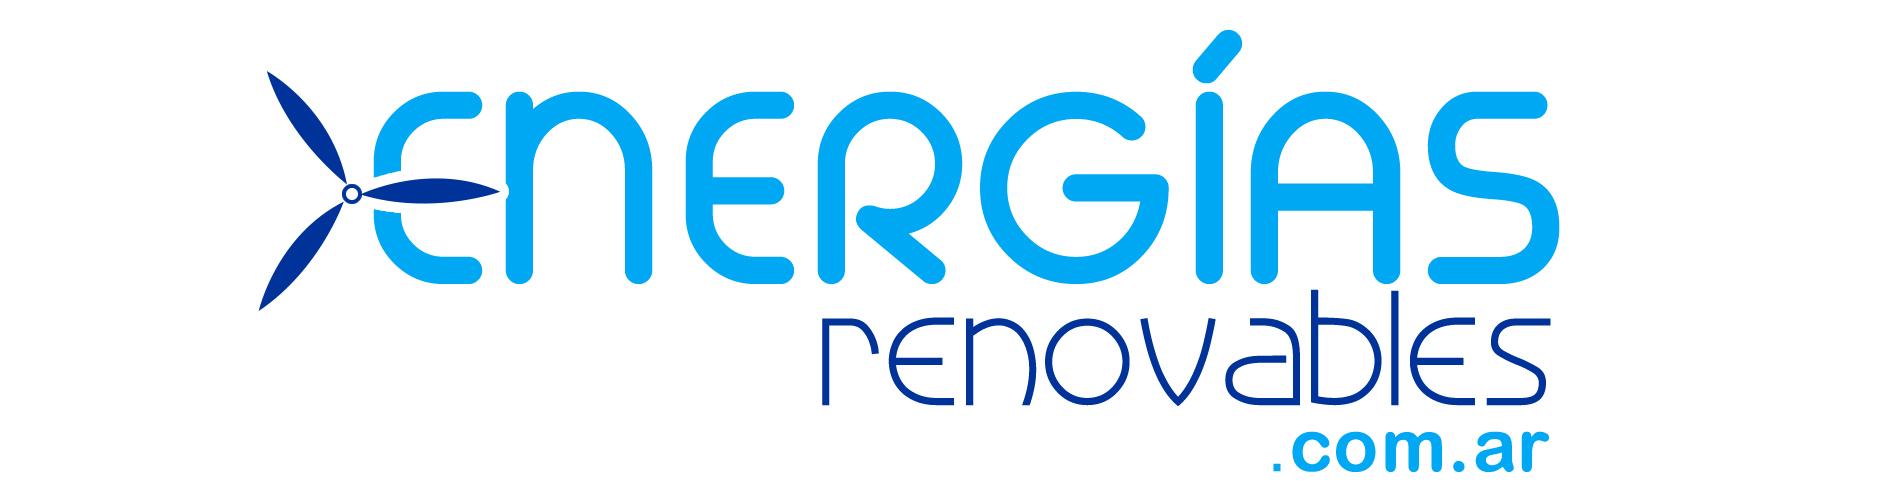 ENERGIAS RENOVABLES ARGENTINA-Energía Renovable-Noticias sobre Energías Renovables en Argentina y América Latina Energía Solar Energía Eólica Paneles solares